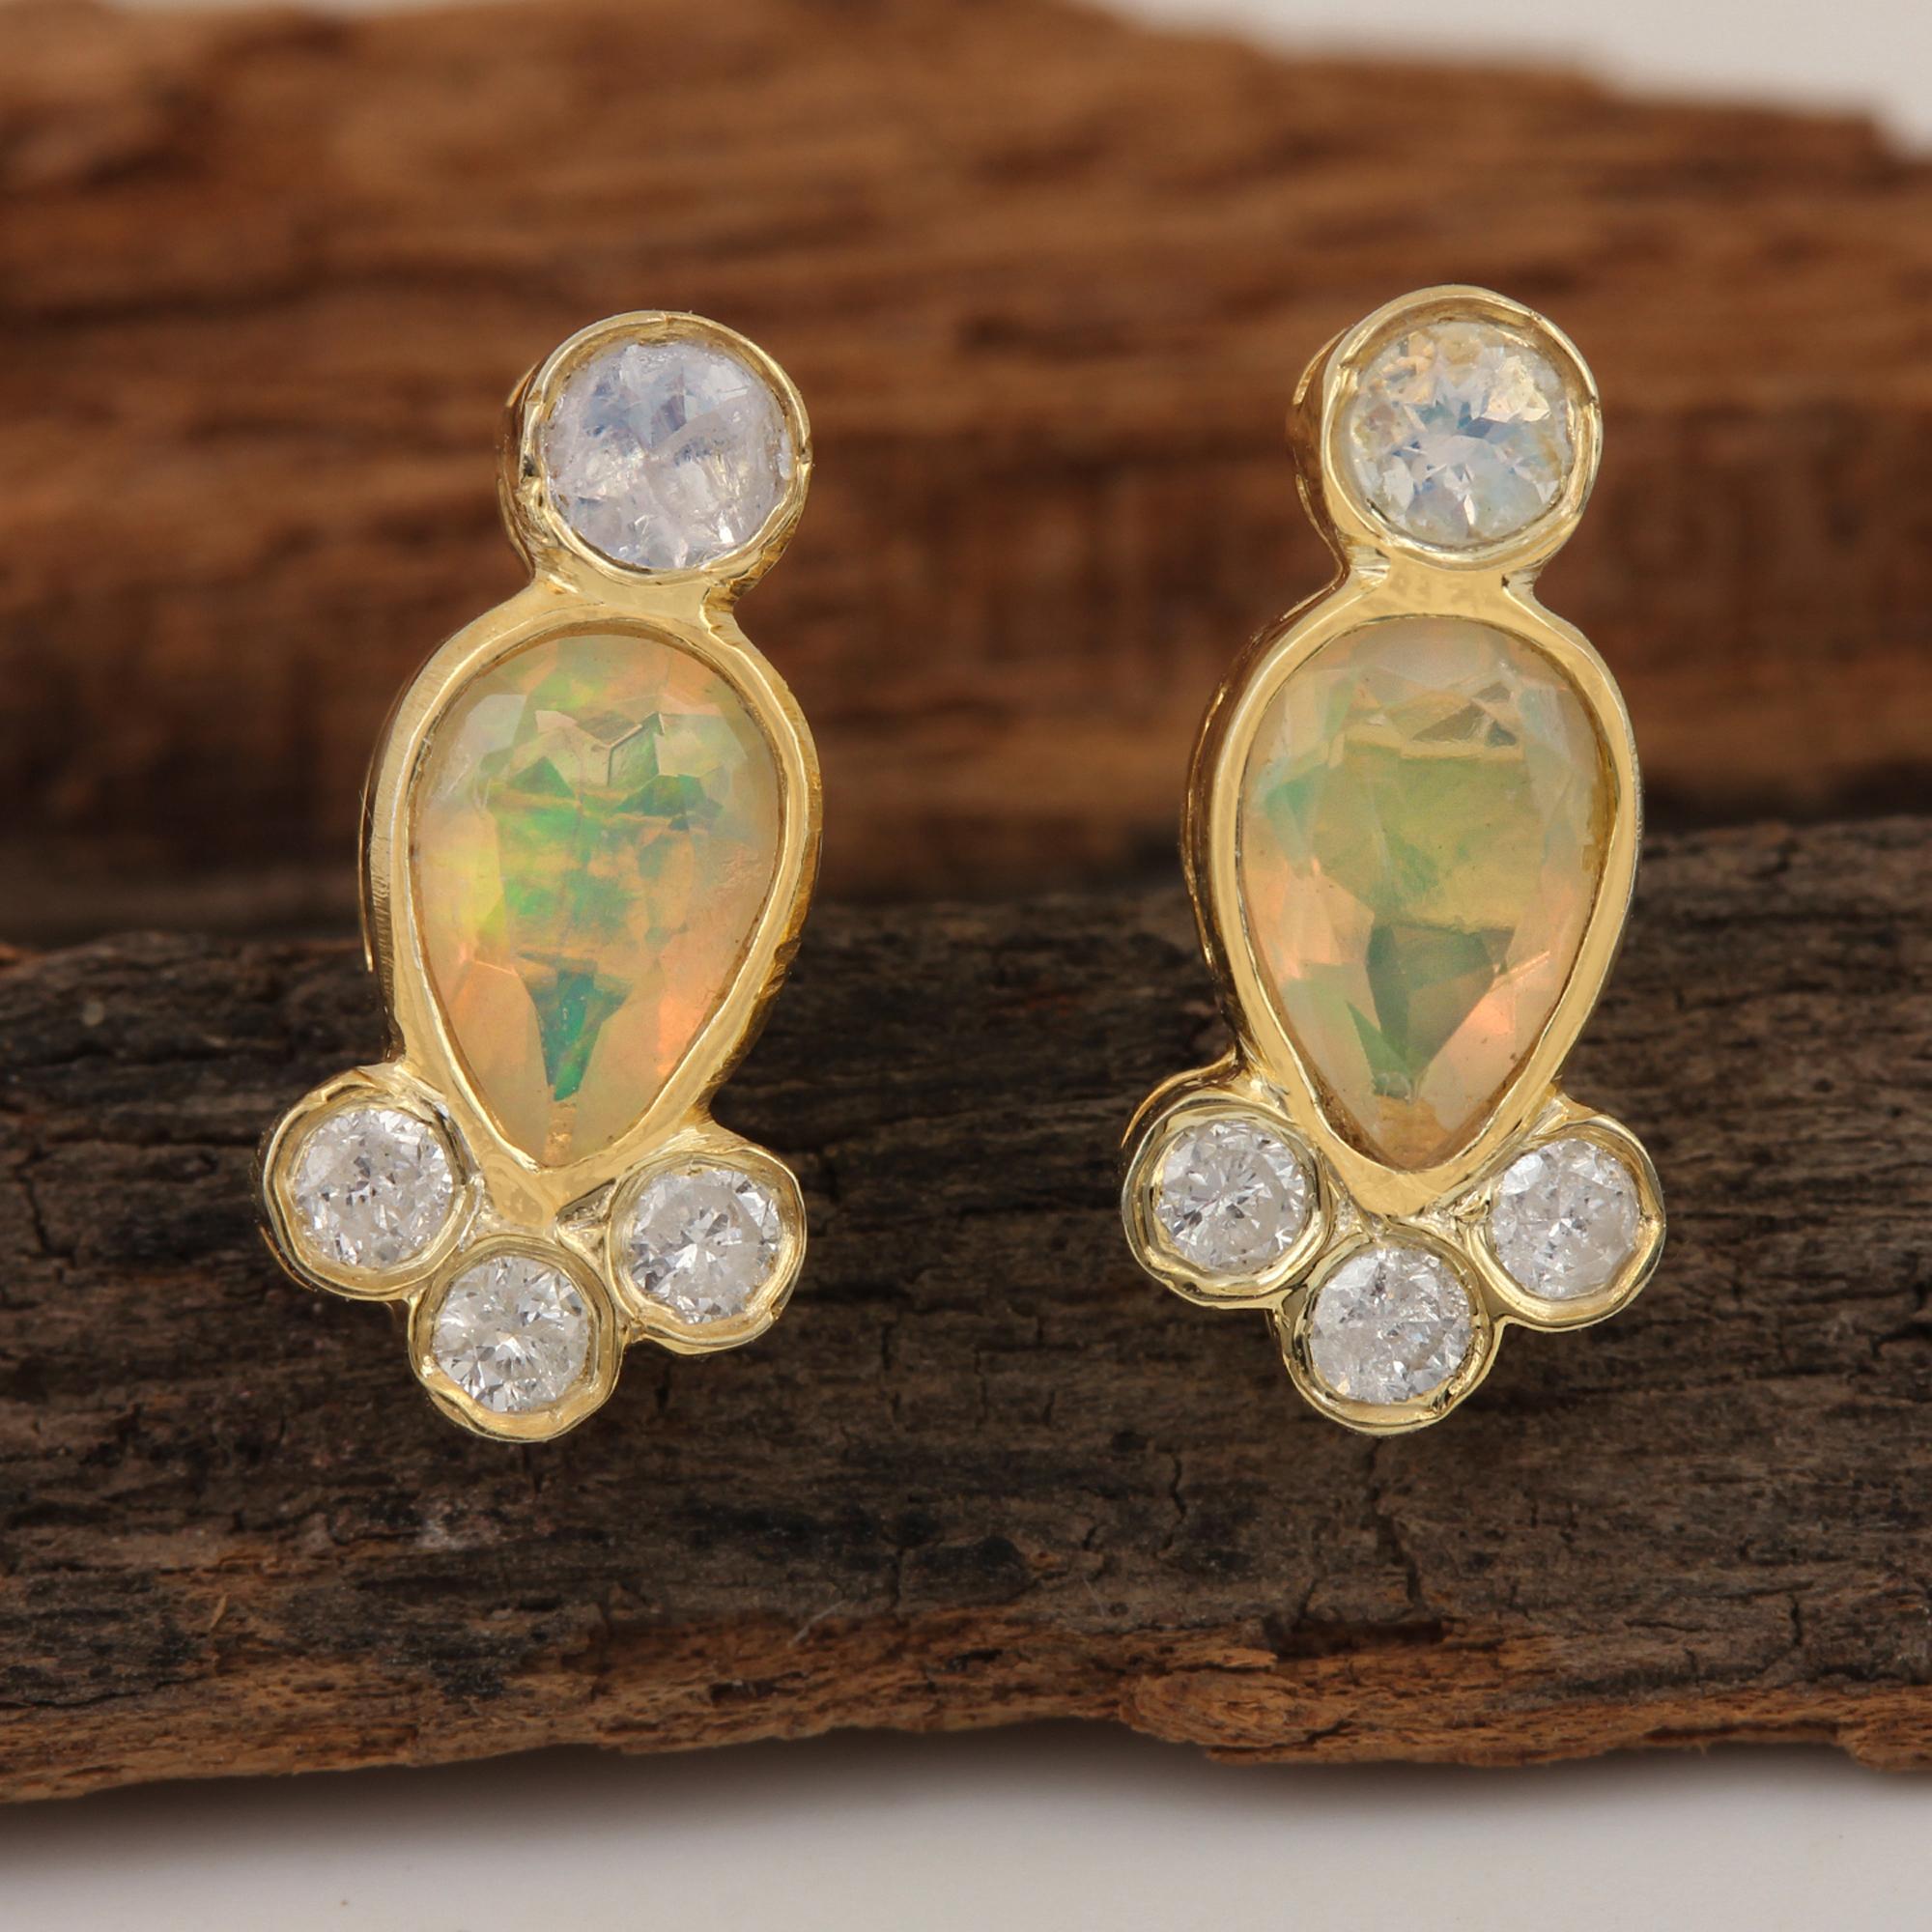 Genuine Diamond 14k Solid Gold Opal & Rainbow Moonstone Stud Earrings